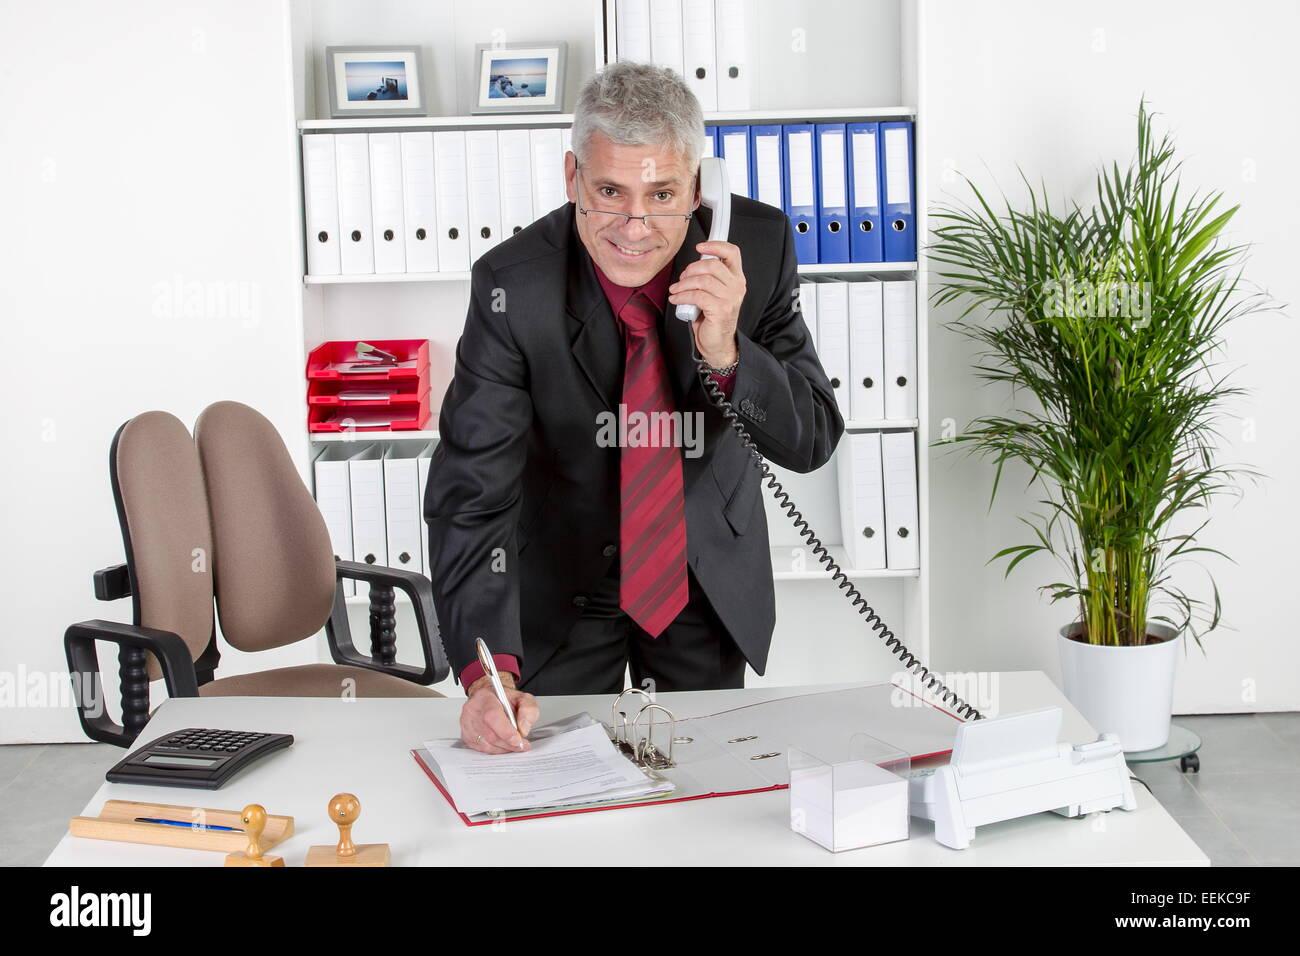 Mann mittleren Alters im Büro steht am Schreibtisch und telefoniert, Middle-aged businessman in his office, - Stock Image